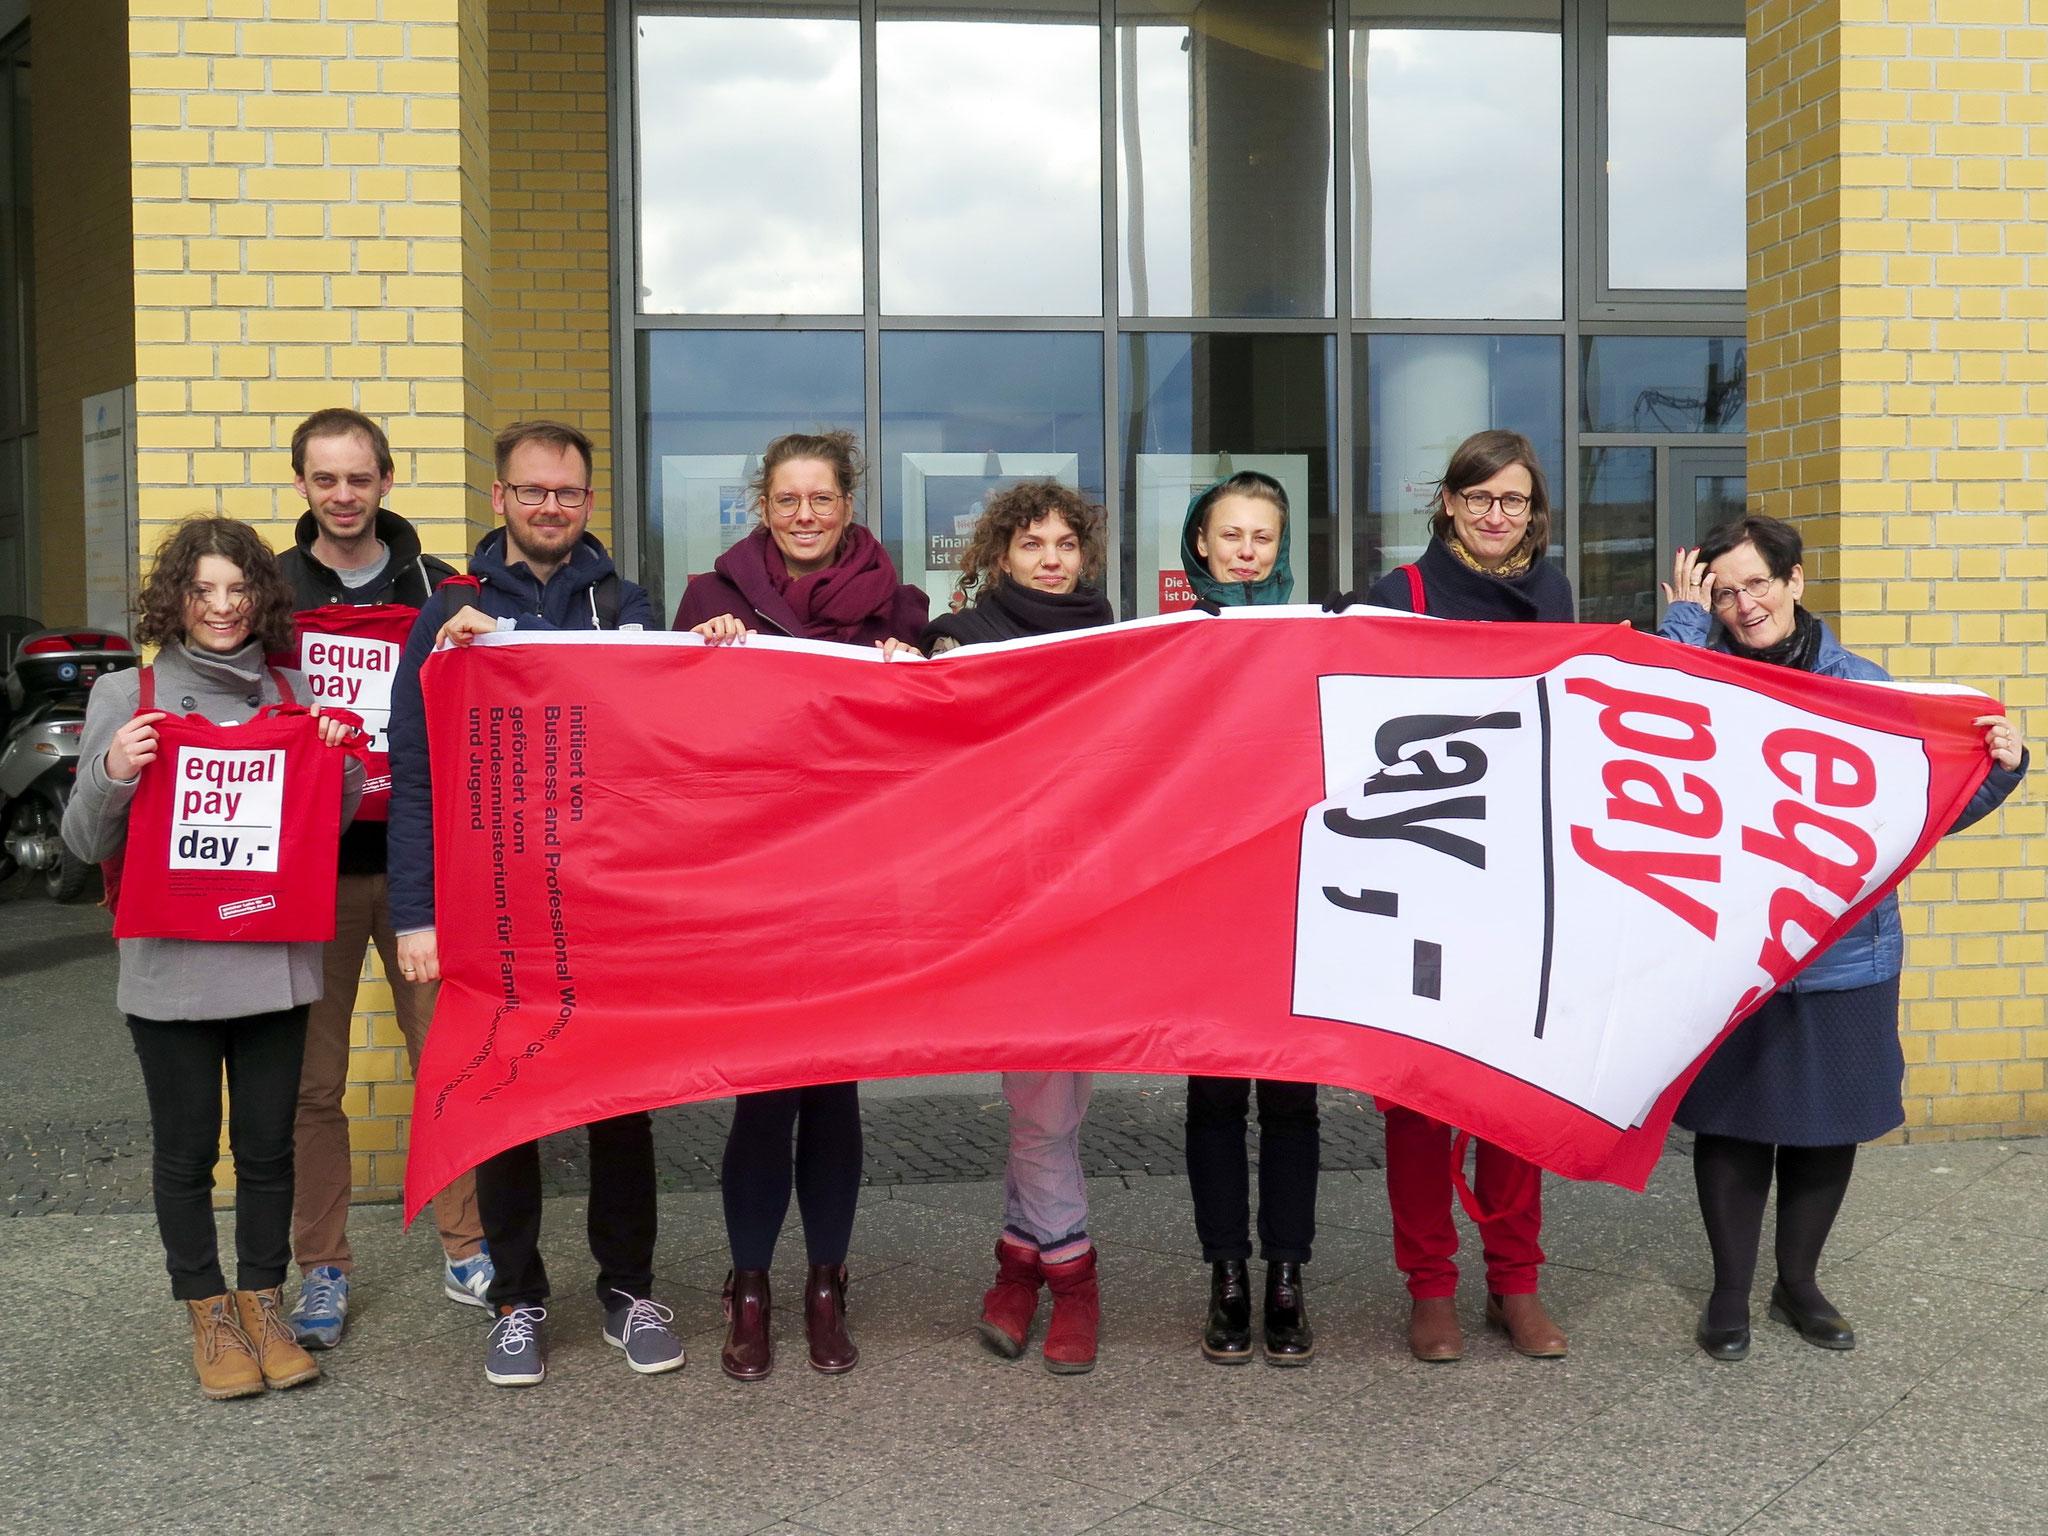 Am Dienstag, dem 17.3., um 11.30 Uhr hisst Bezirksbürgermeisterin Dagmar Pohle vor dem Rathaus auf dem Alice-Salomon-Platz wieder die Equal-Pay-Day-Fahne